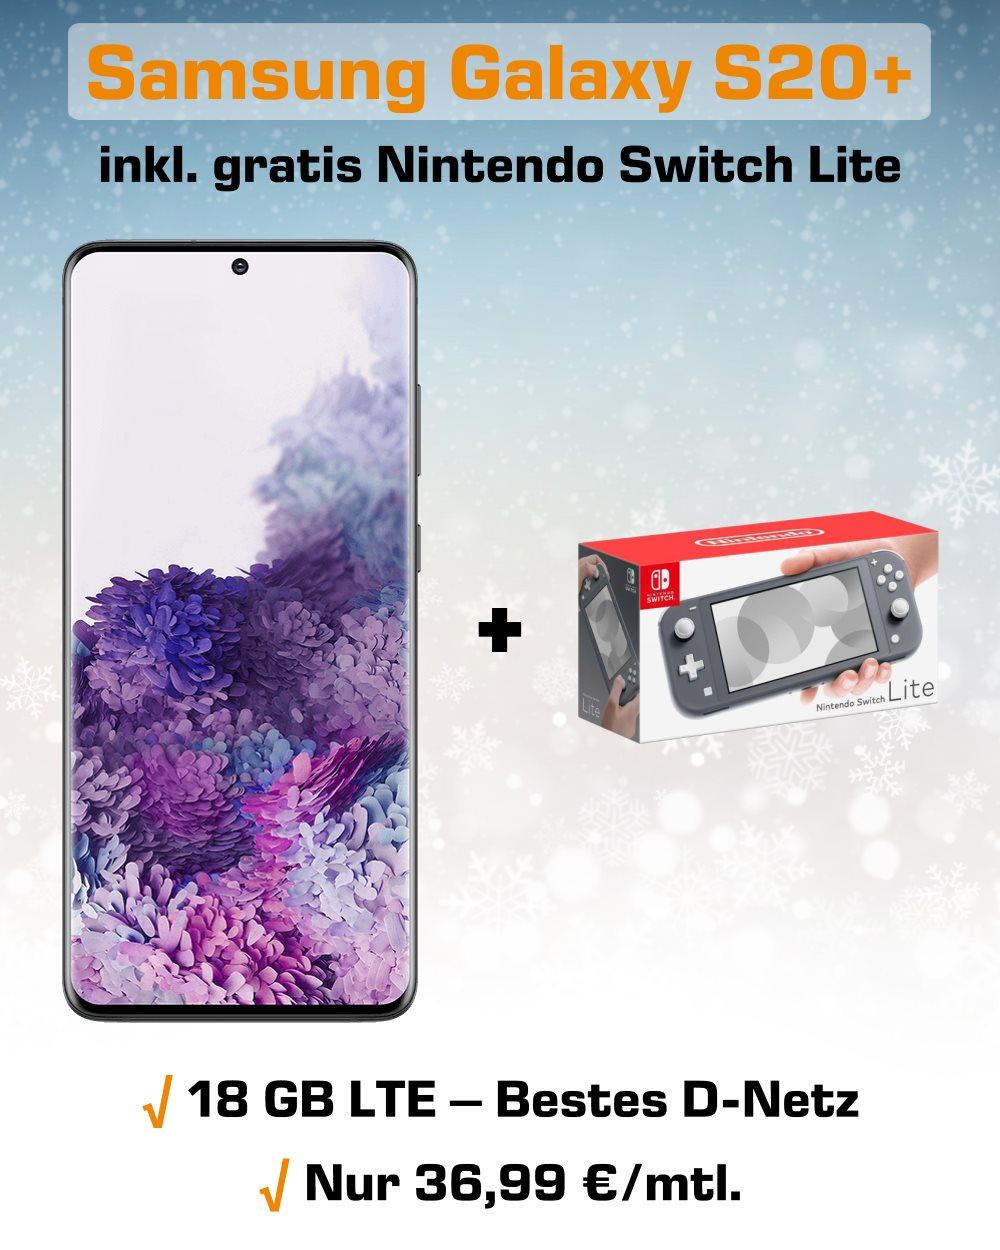 Galaxy S20+ inkl. Switch Lite und 18 GB LTE Allnet-Flat zum unschlagbaren Preis